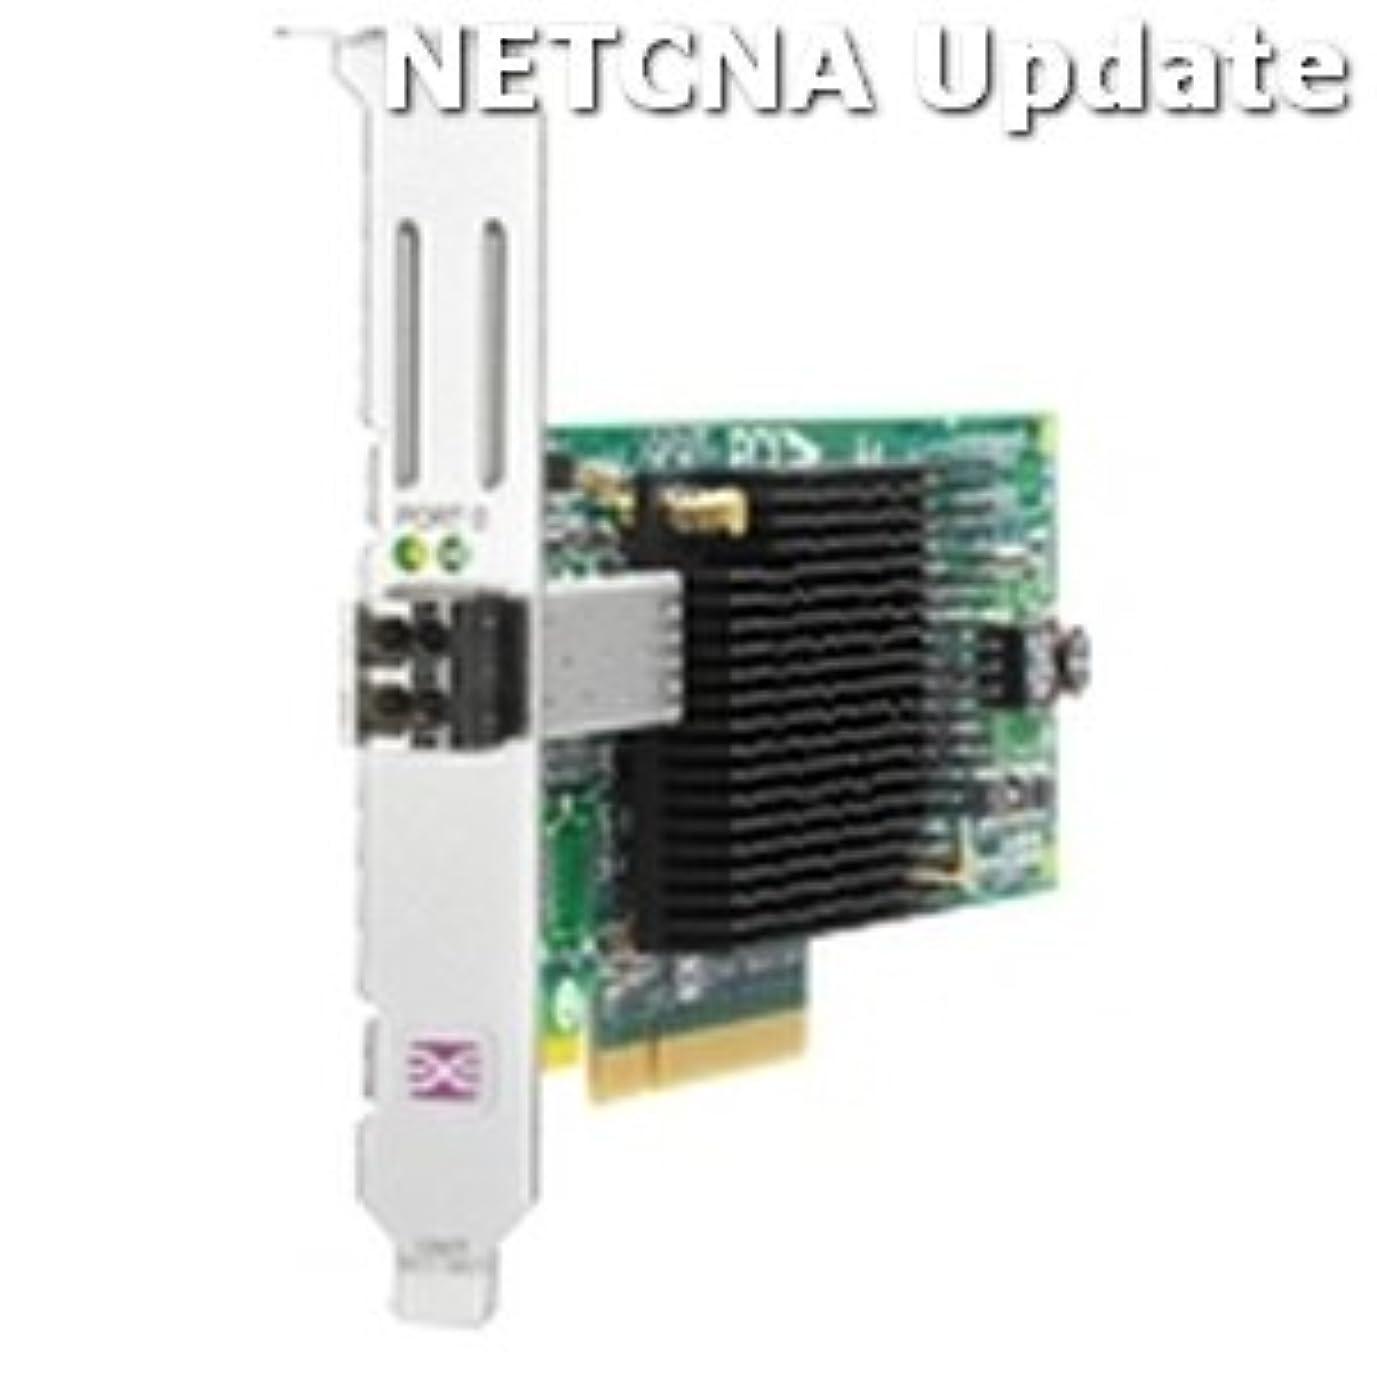 祈る印刷する天窓HP 81e FCホストバスアダプタaj762 a互換製品by NETCNA